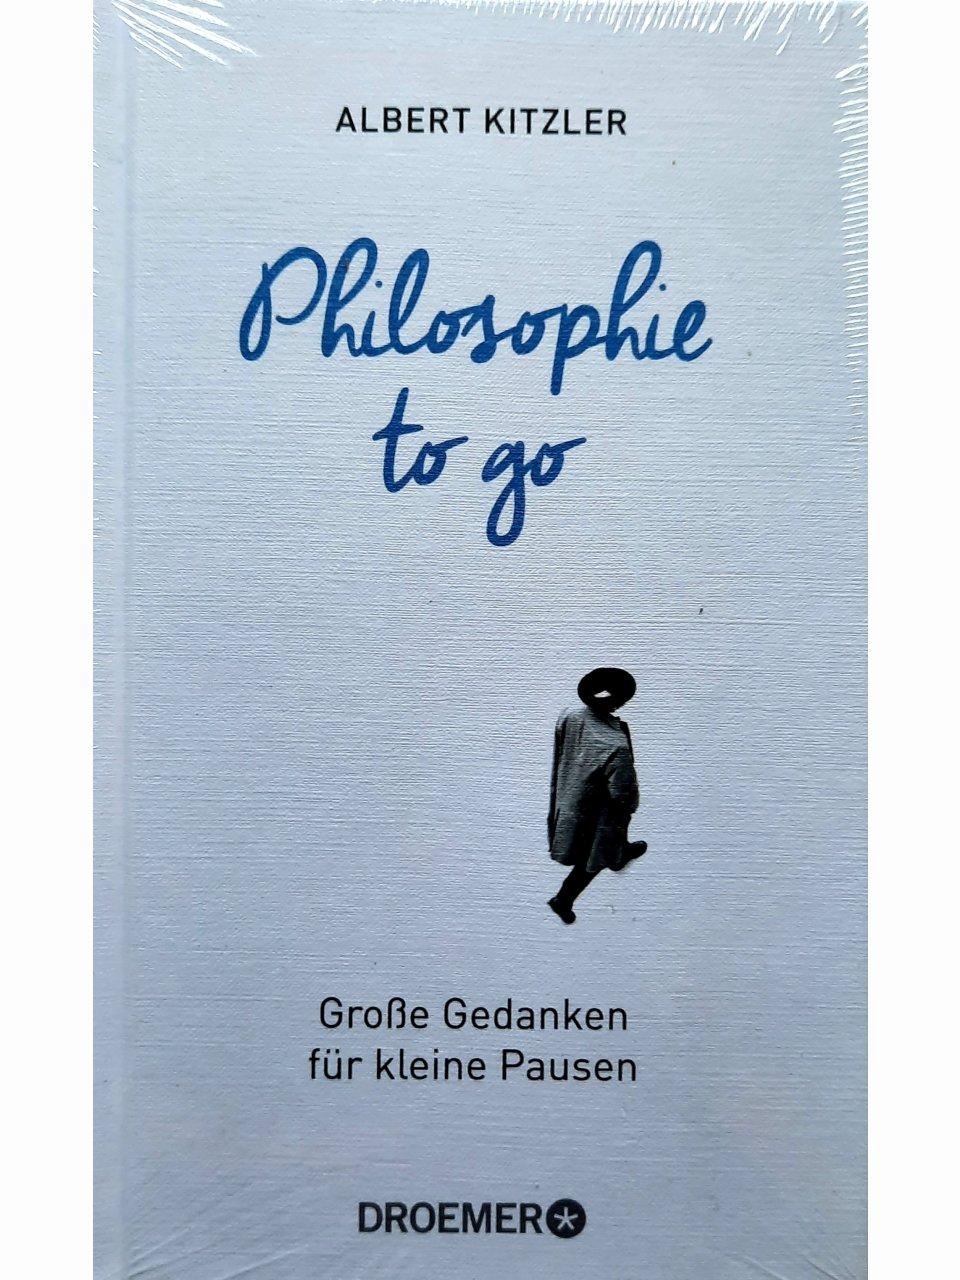 Philosophie to go